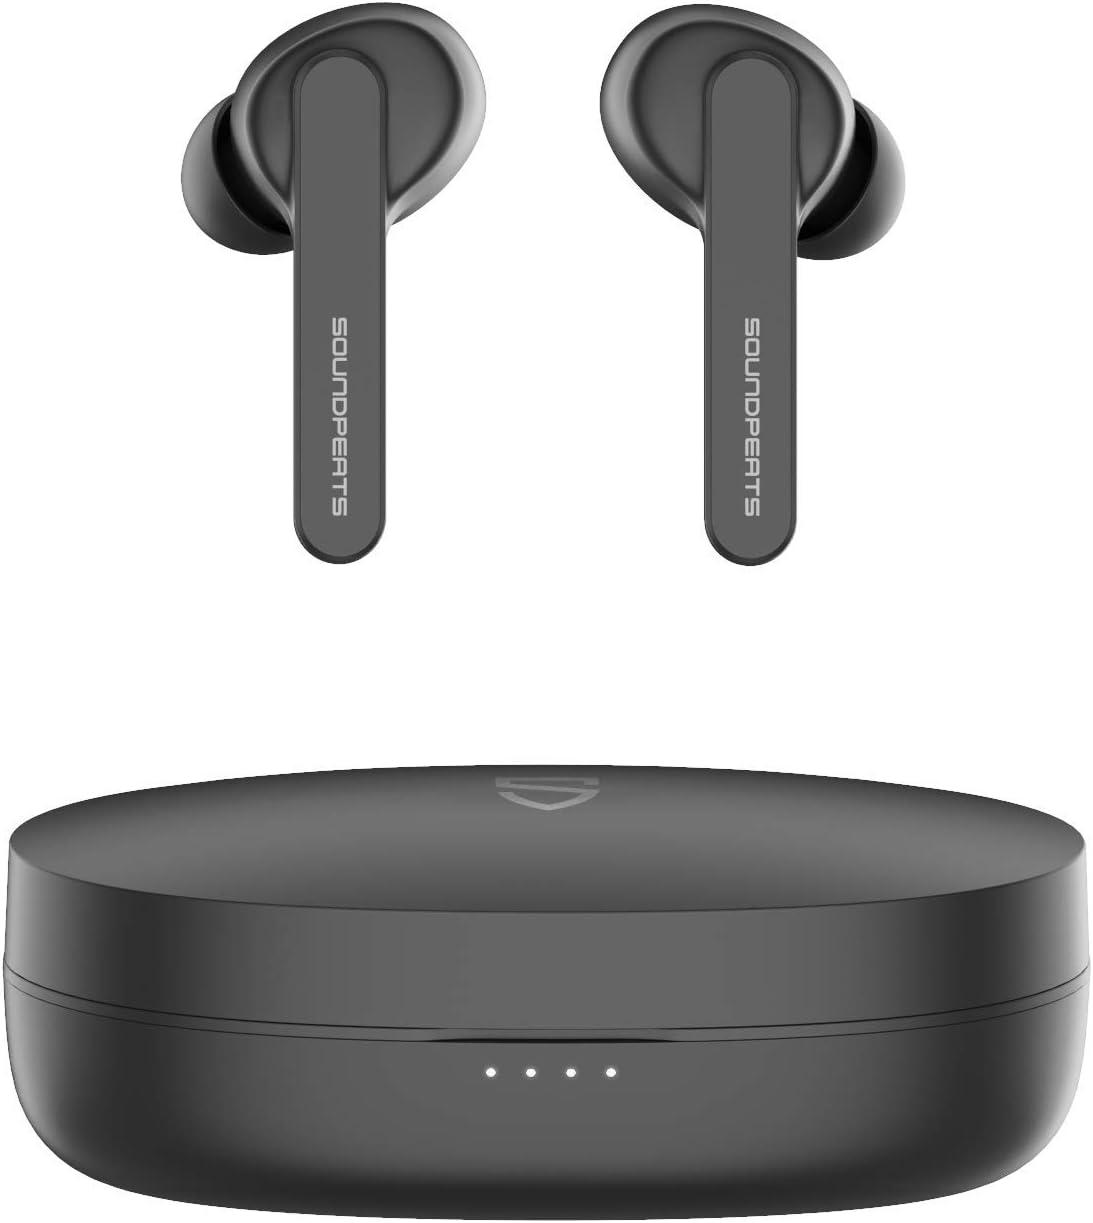 SoundPEATS Auriculares inalámbricos, Auriculares TWS Bluetooth 5.0 In-Ear Cascos Inalámbricos Bluetooth con Caja de Carga Portátil Sonido de Alta Definición, Control Tactil, IPX5